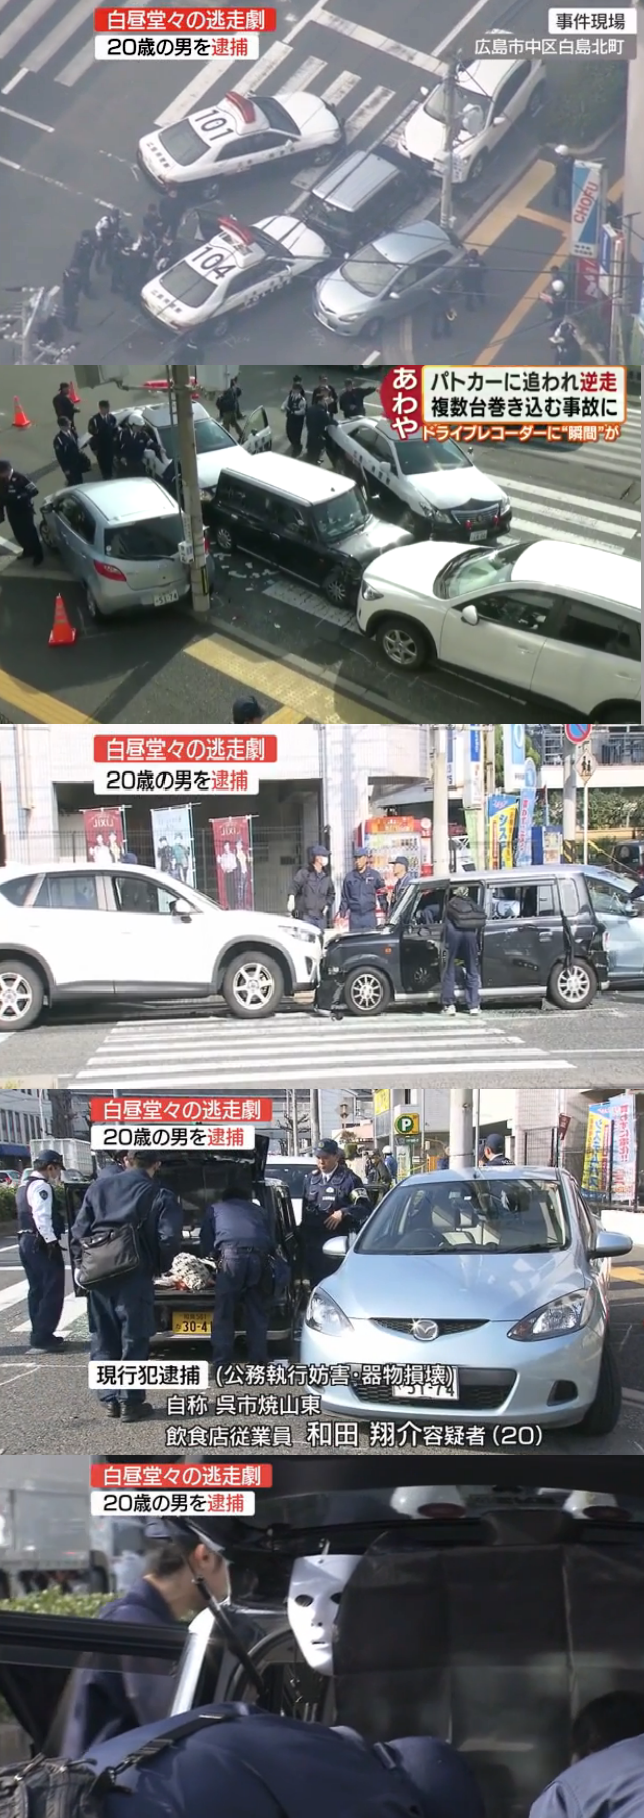 広島市 カーチェイス 事故